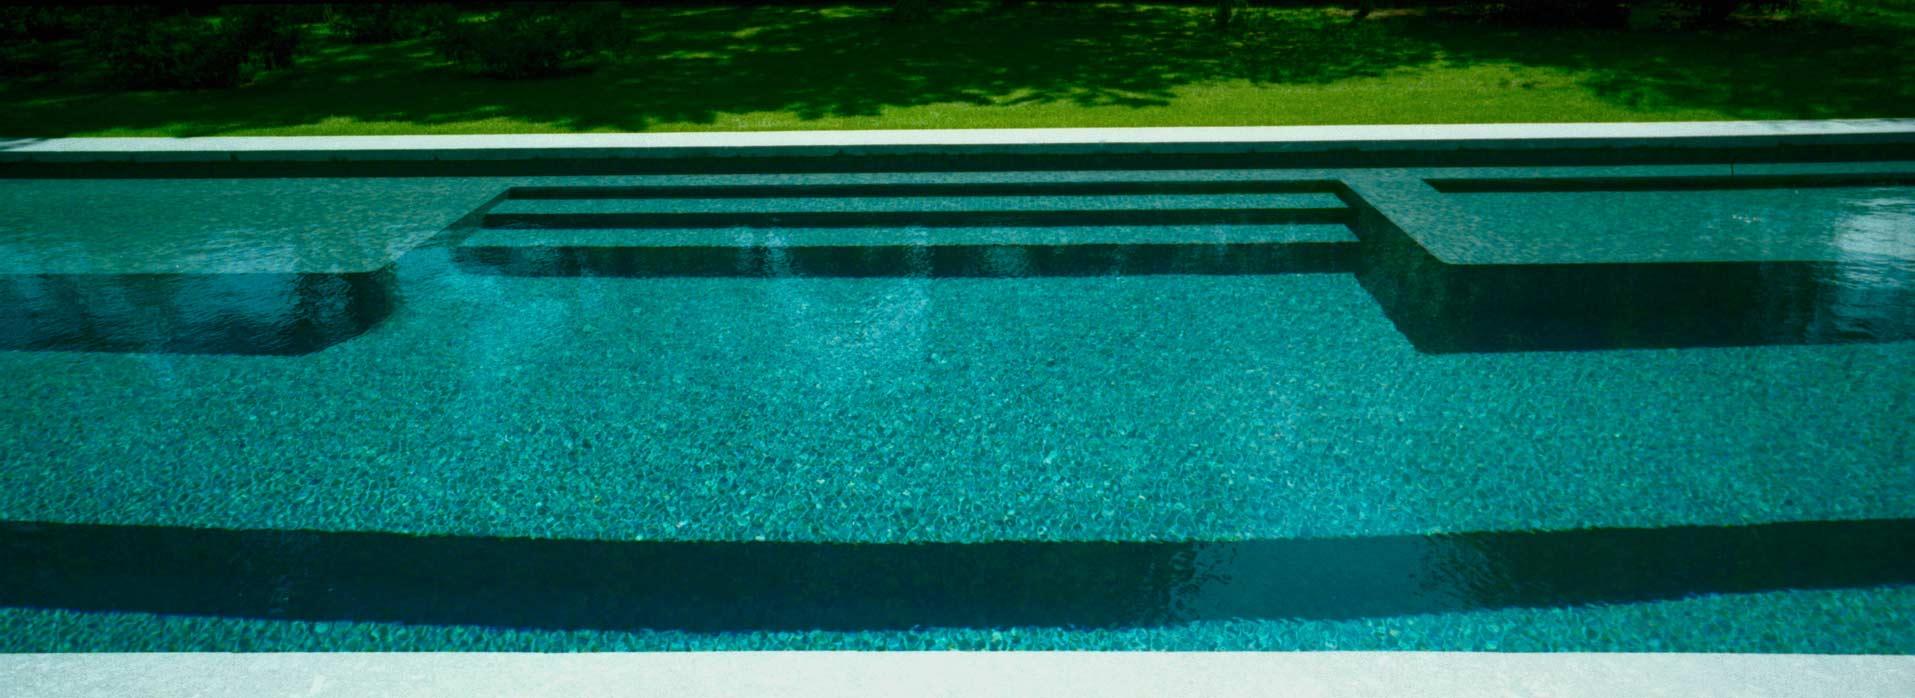 Las Lomas - Pabellones y piscinas